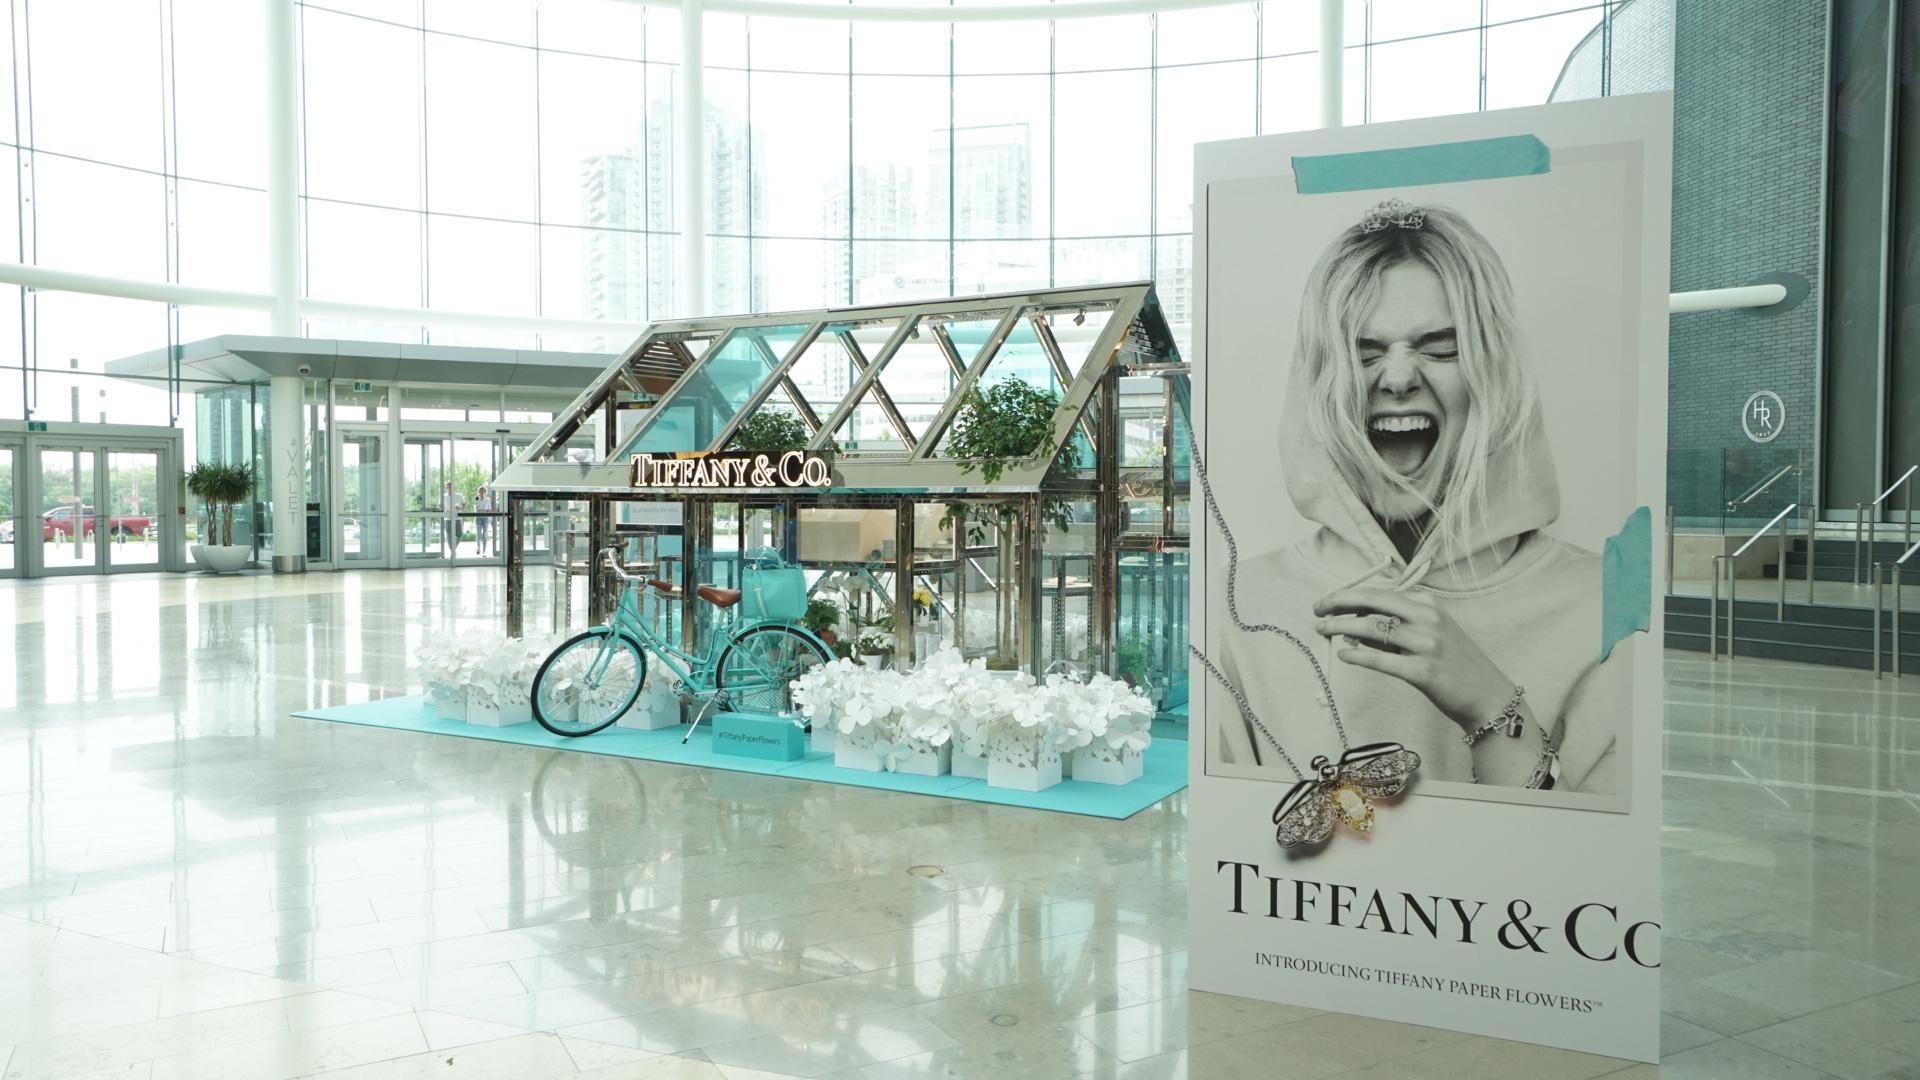 Tiffany & Co. Pop-Up